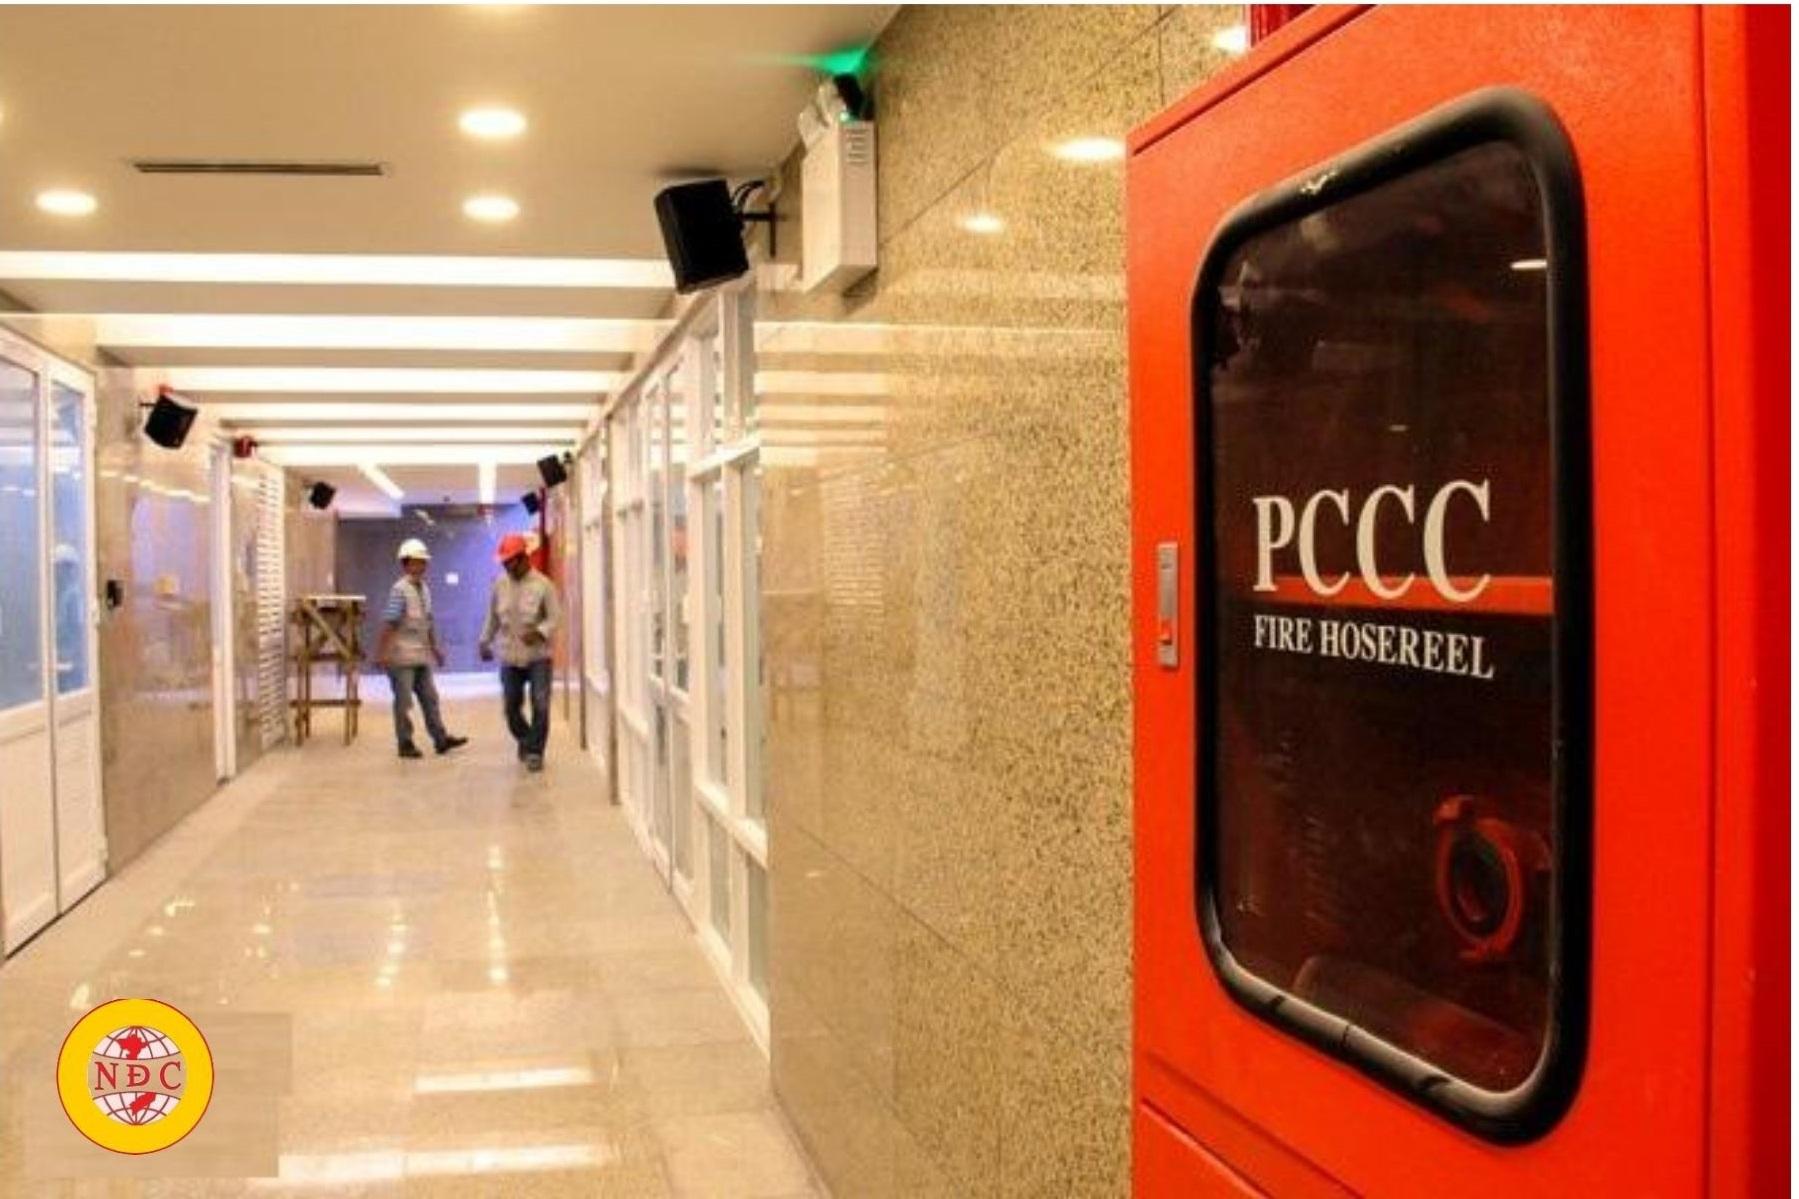 Thi Công – Thiết Kế & Lắp Đặt Hệ Thống PCCC Văn Phòng